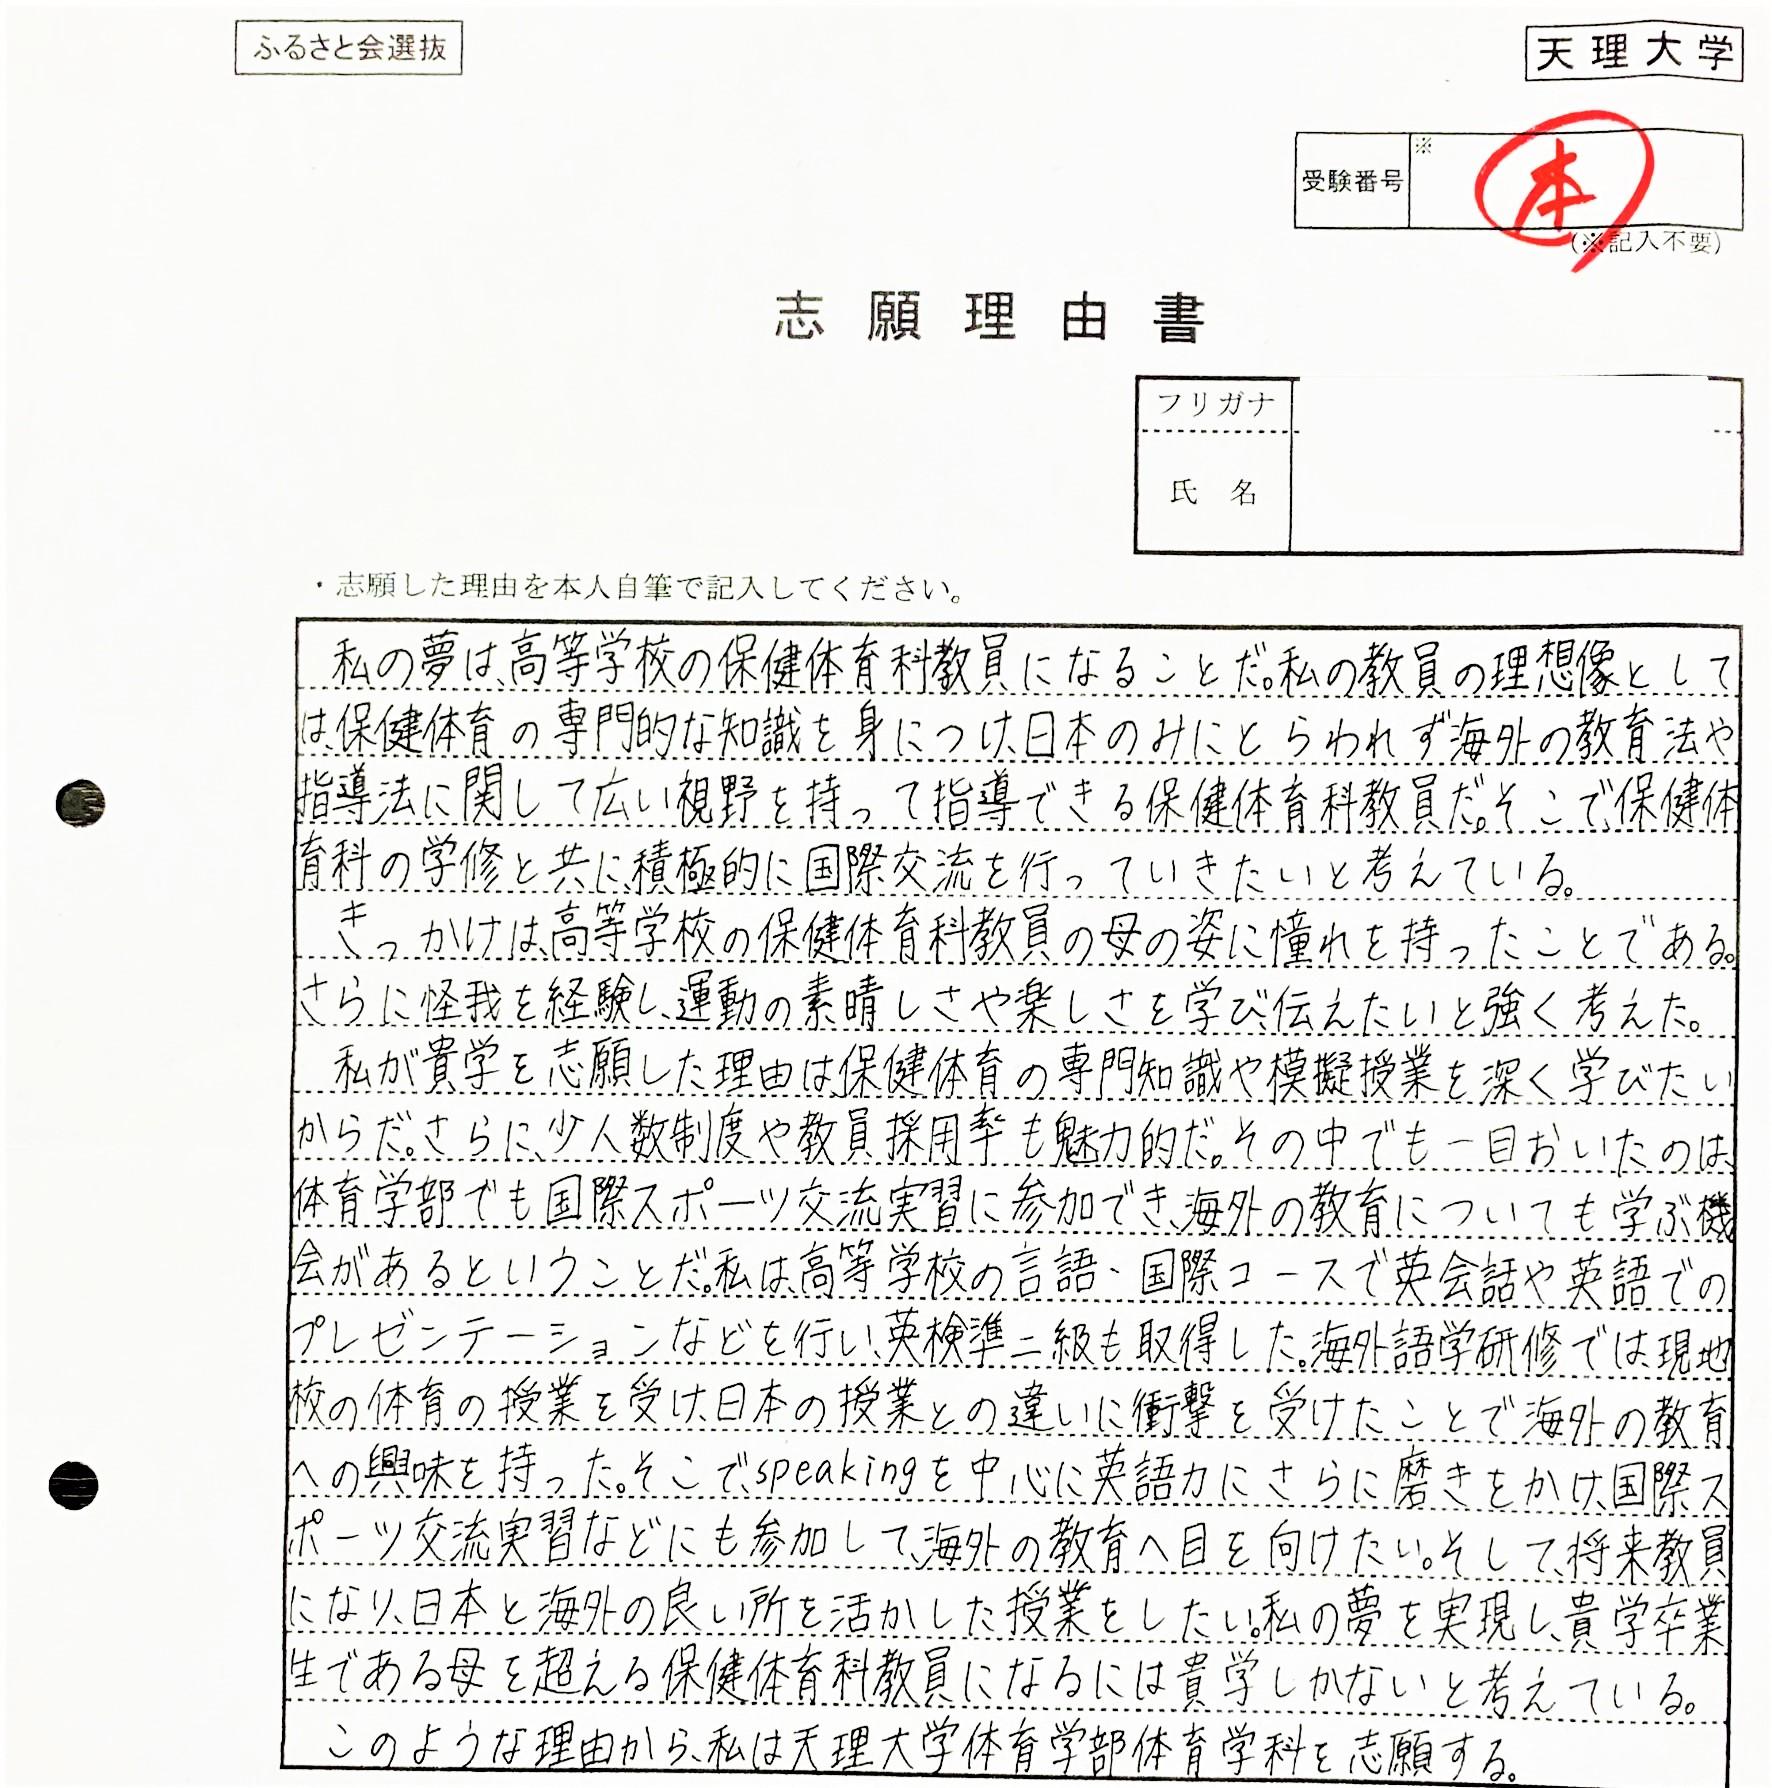 http://www.e-taishin.com/event/common/img/%E5%A4%A9%E7%90%86_%E5%BF%97%E9%A1%98%E7%90%86%E7%94%B1%E6%9B%B8.jpeg